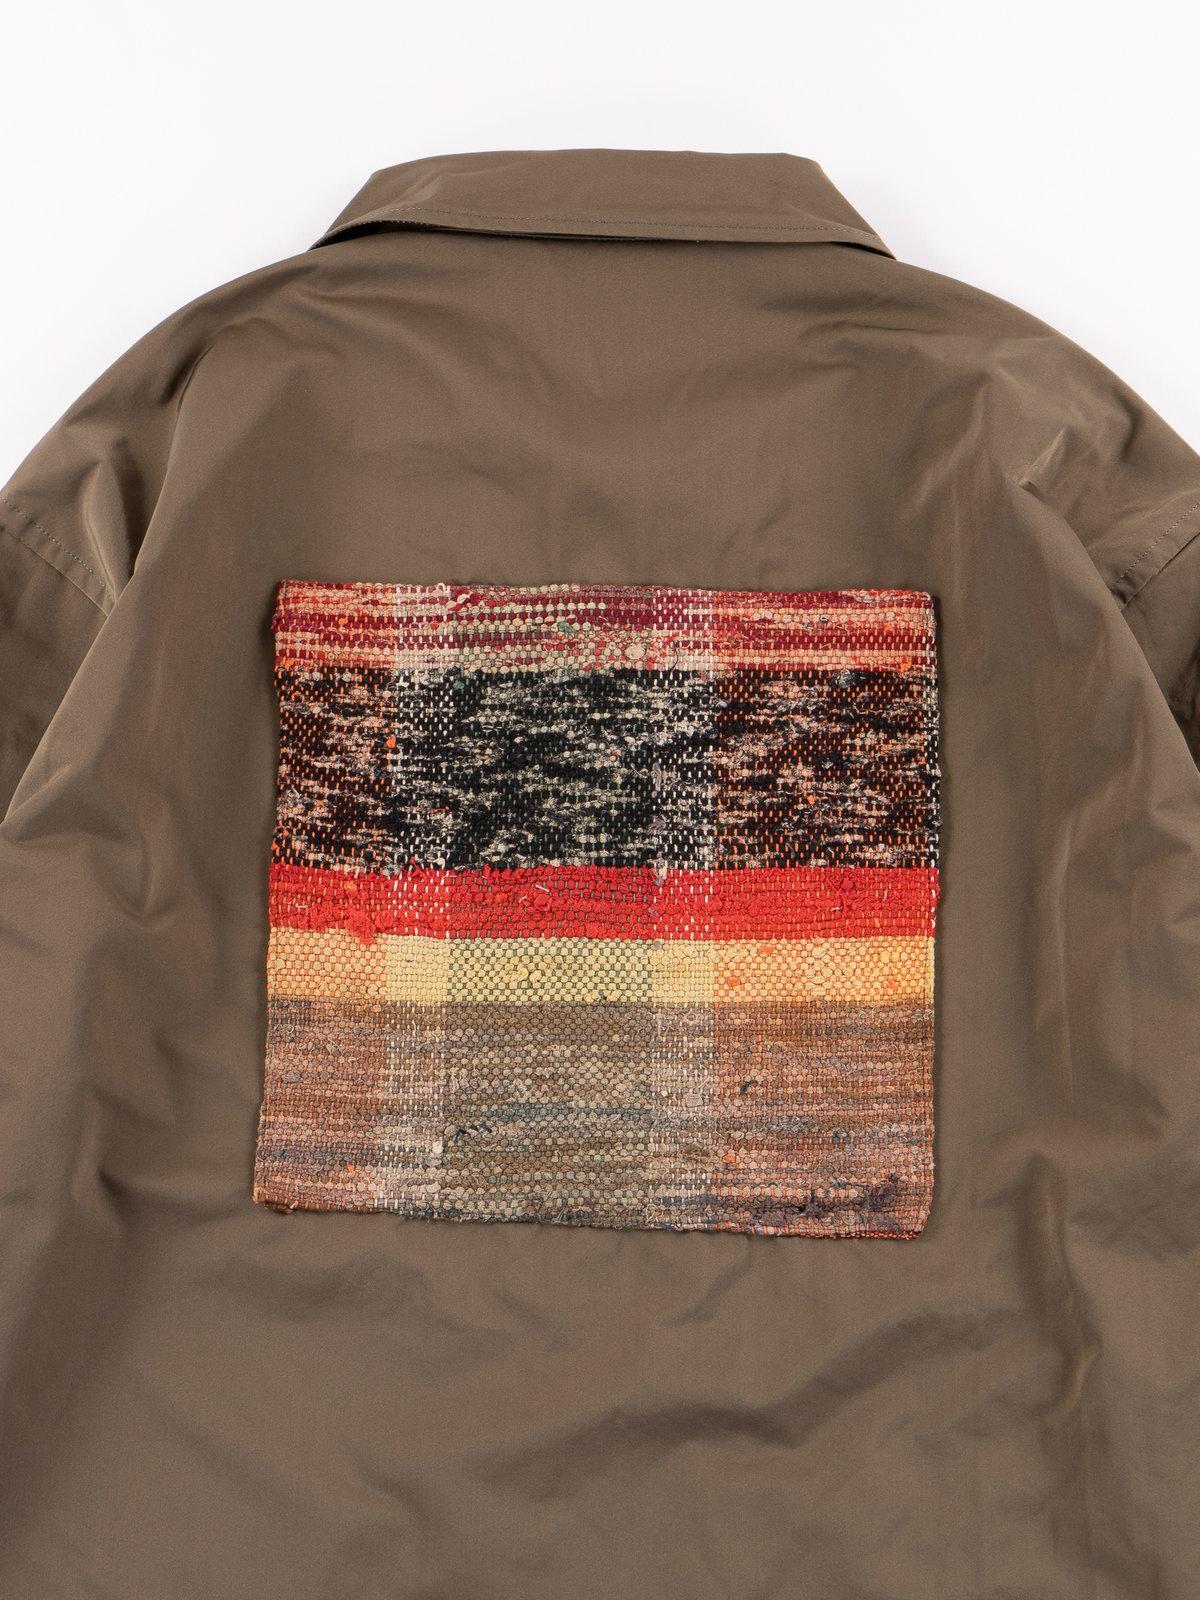 Khaki Coach Jacket - Image 7